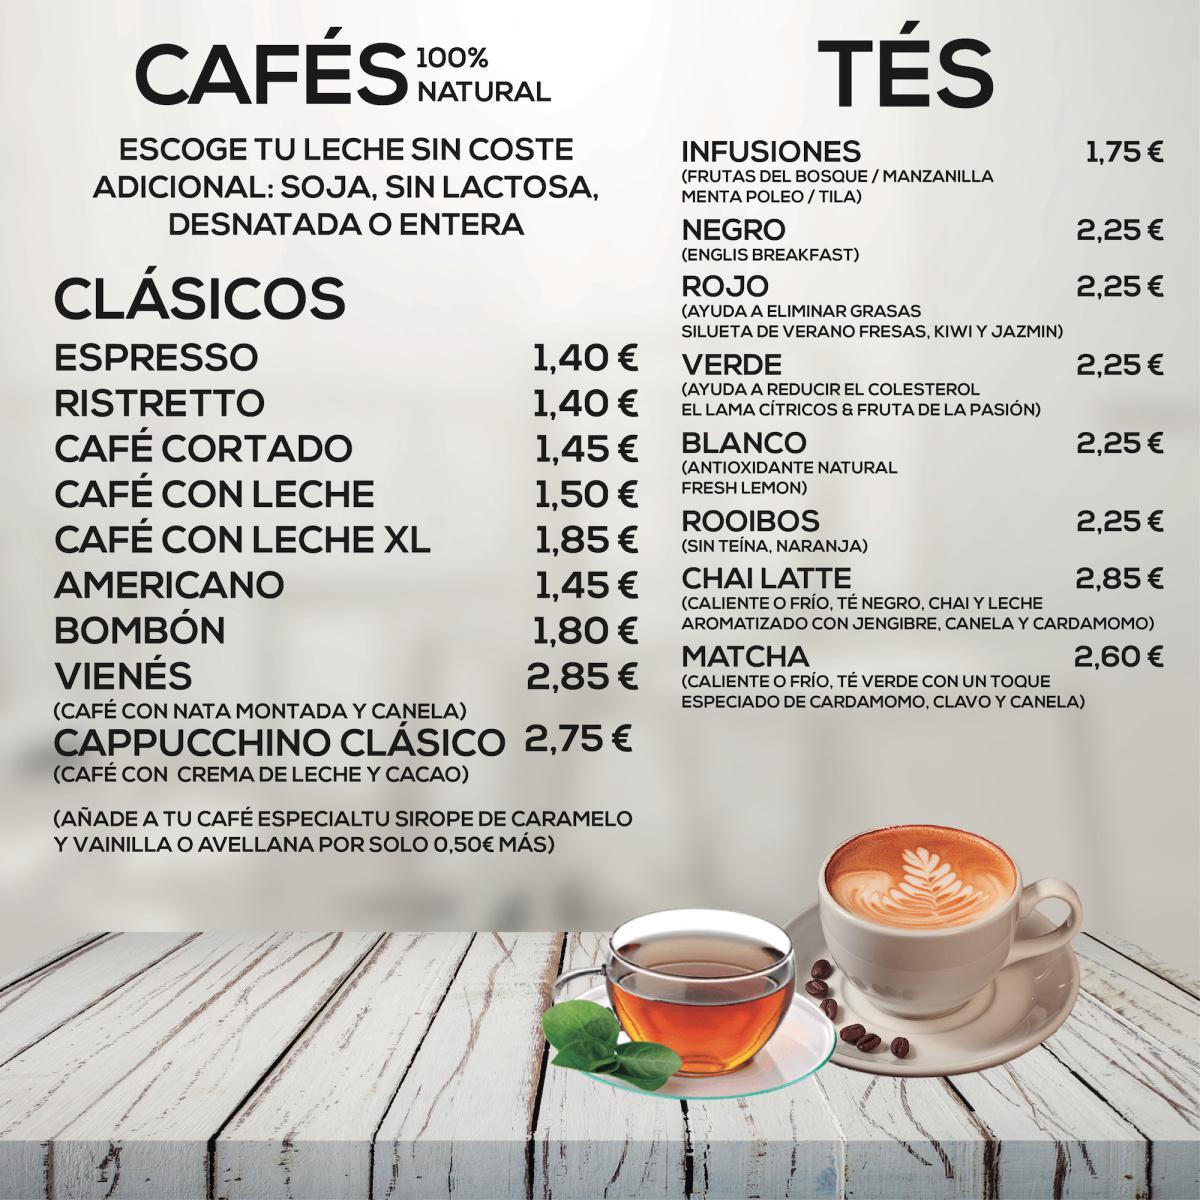 Café de Oporto